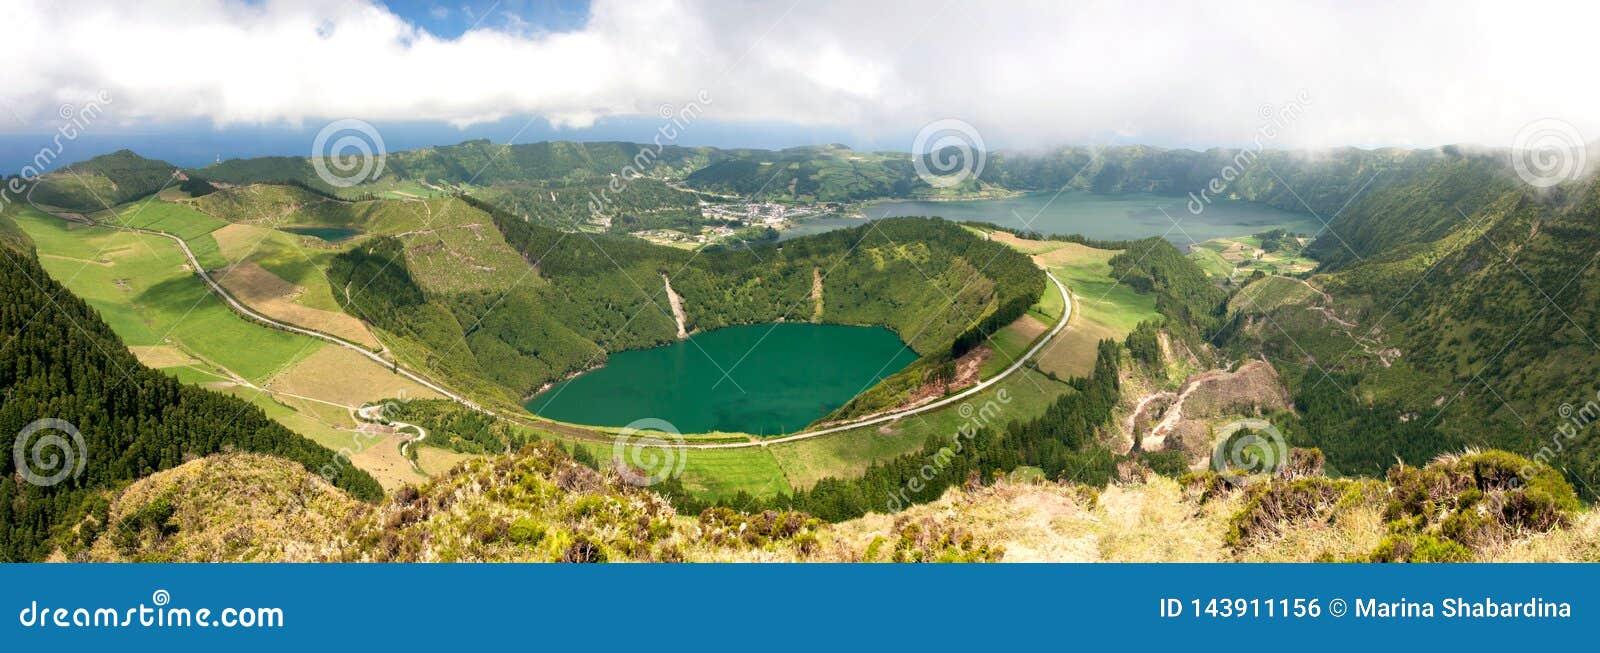 Panoramautsikt av sjön i en vulkanisk krater, Sete Cidades